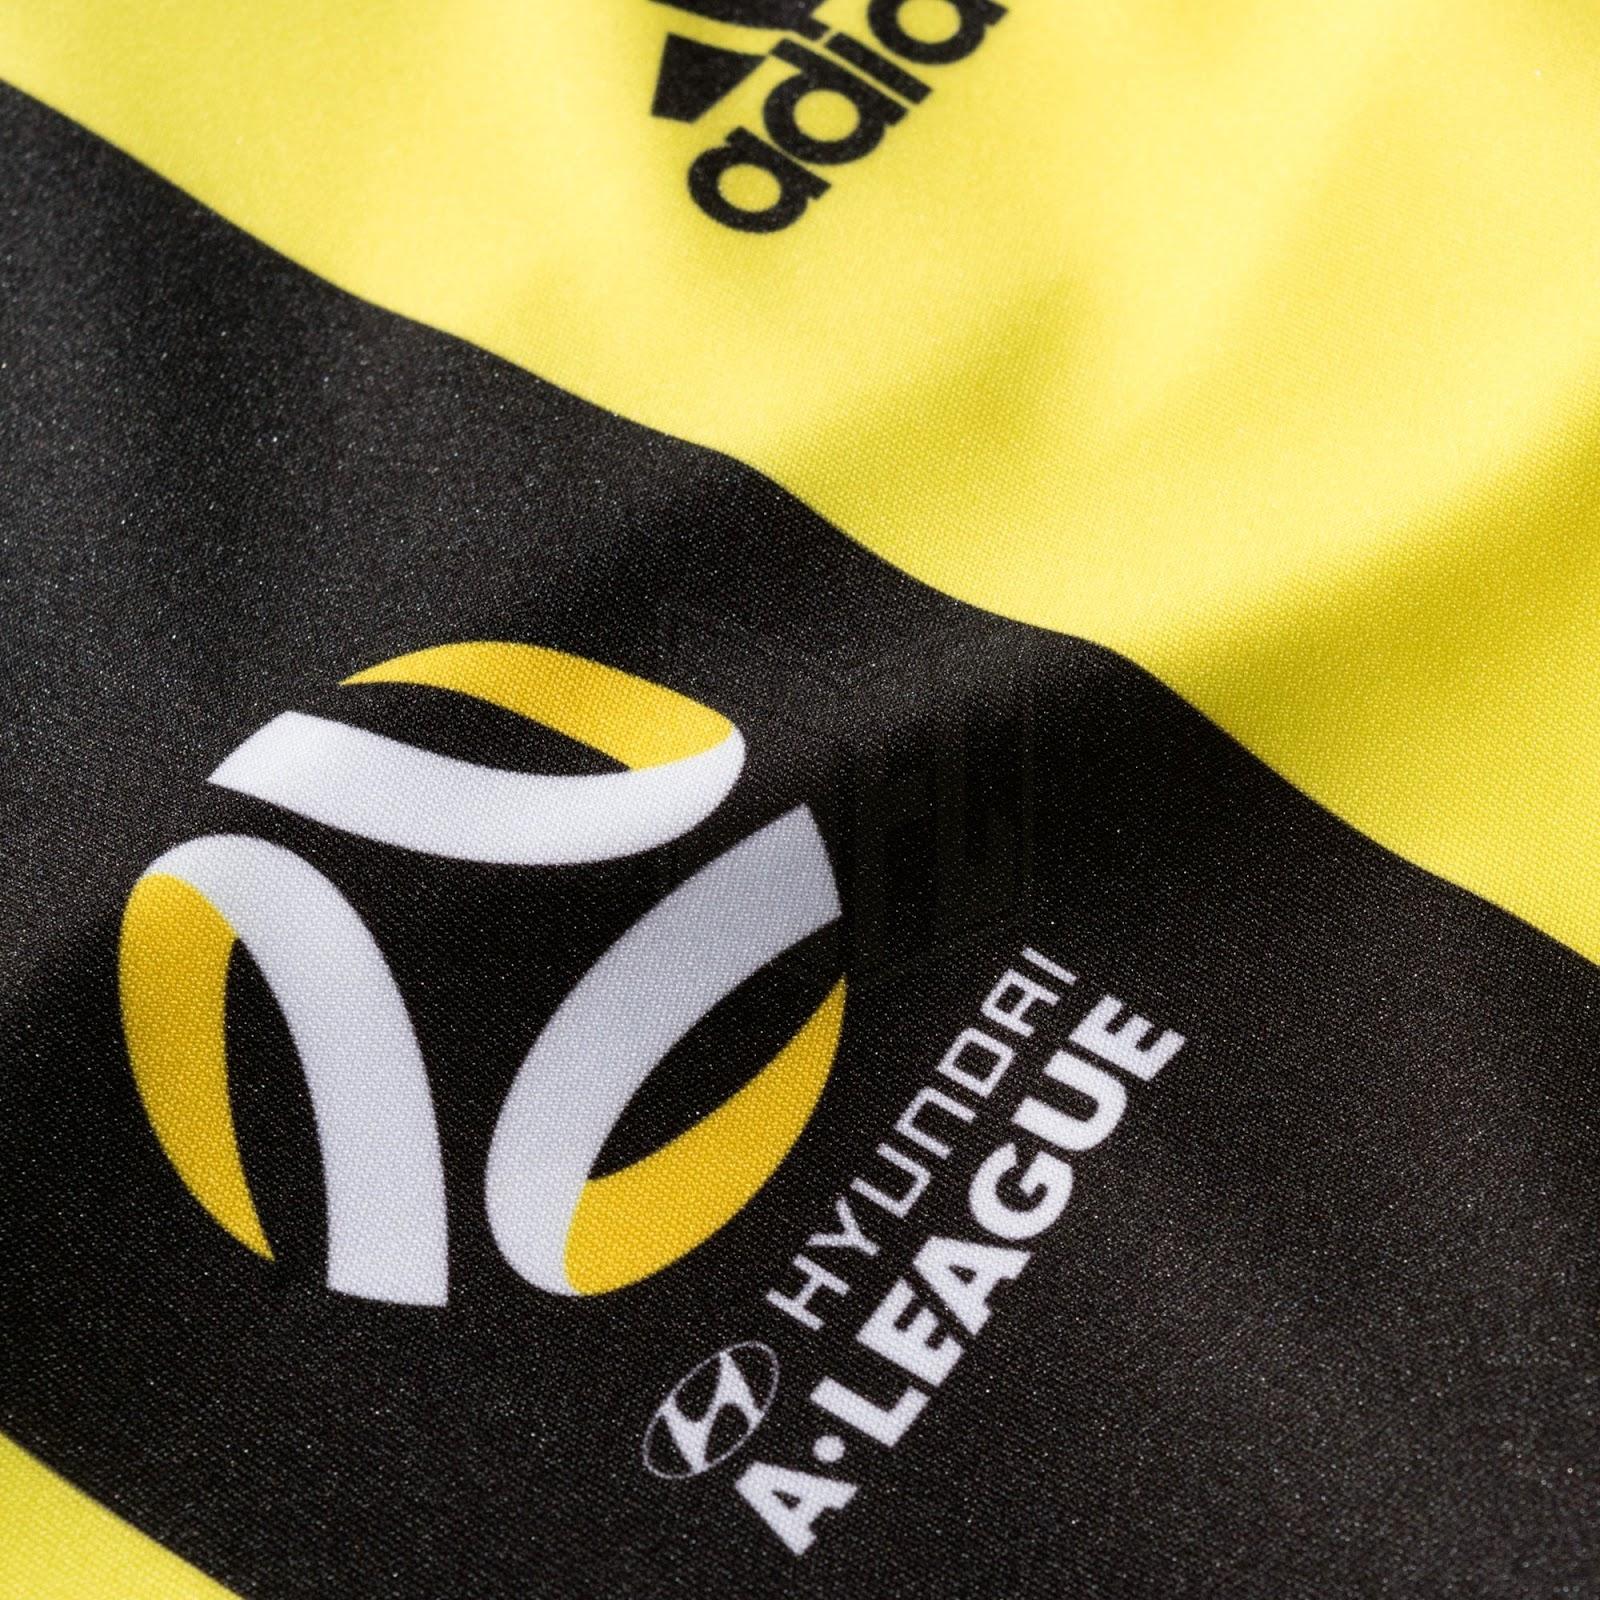 ... novos uniformes que serão usados durante a temporada 2017 18 do  Campeonato Australiano de futebol ( Hyundai A-League ). Fabricado pela  Adidas 4821504efd6a0